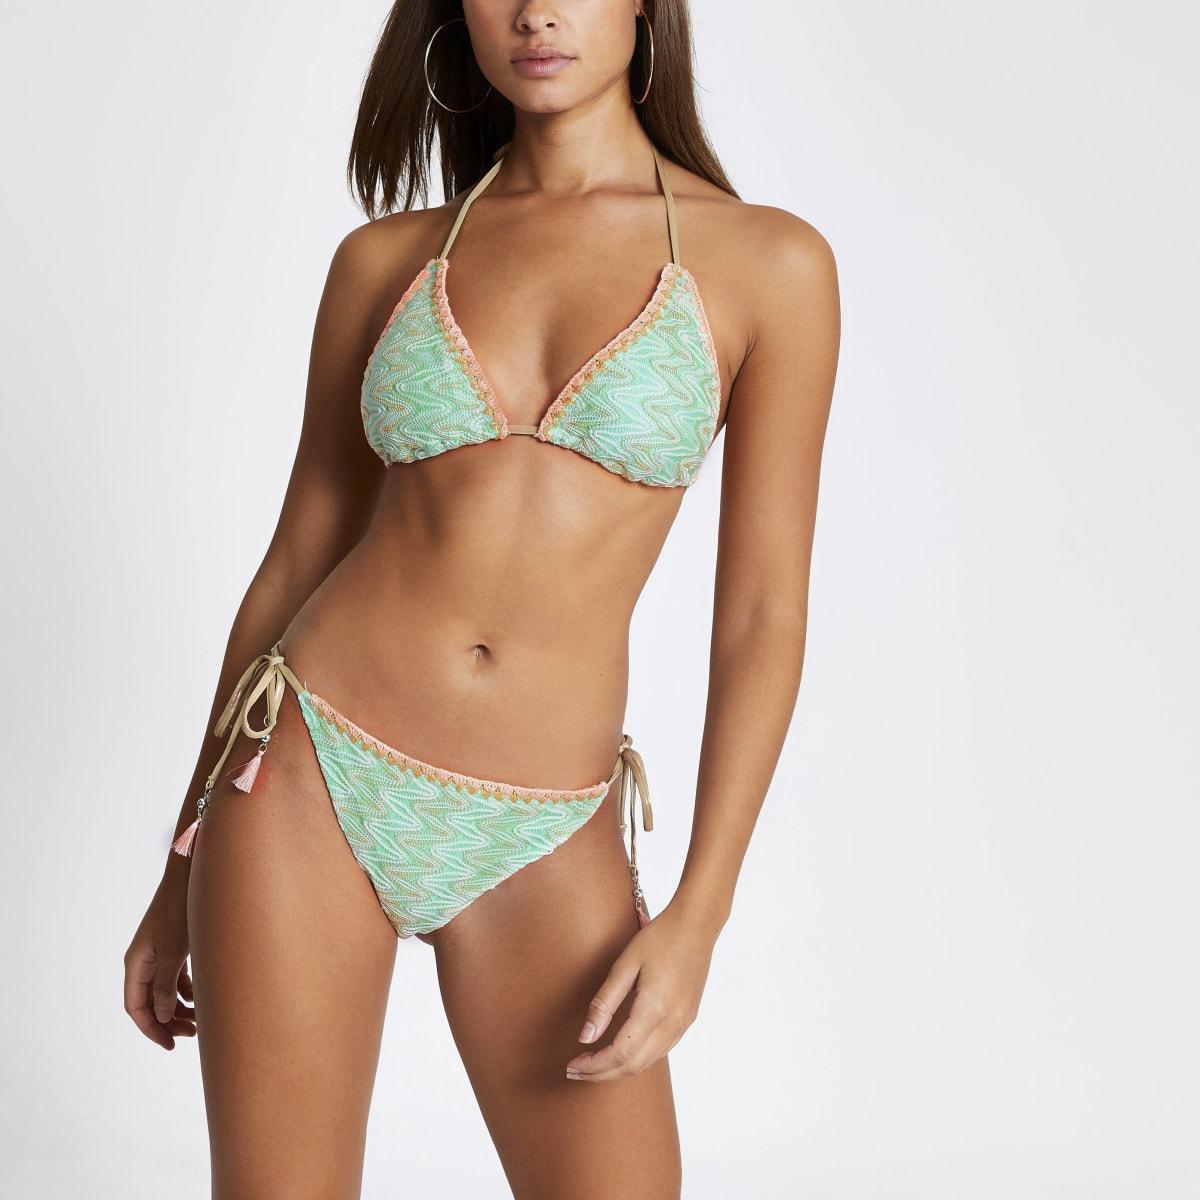 Groen geborduurd bikinibroekje met zijbandje